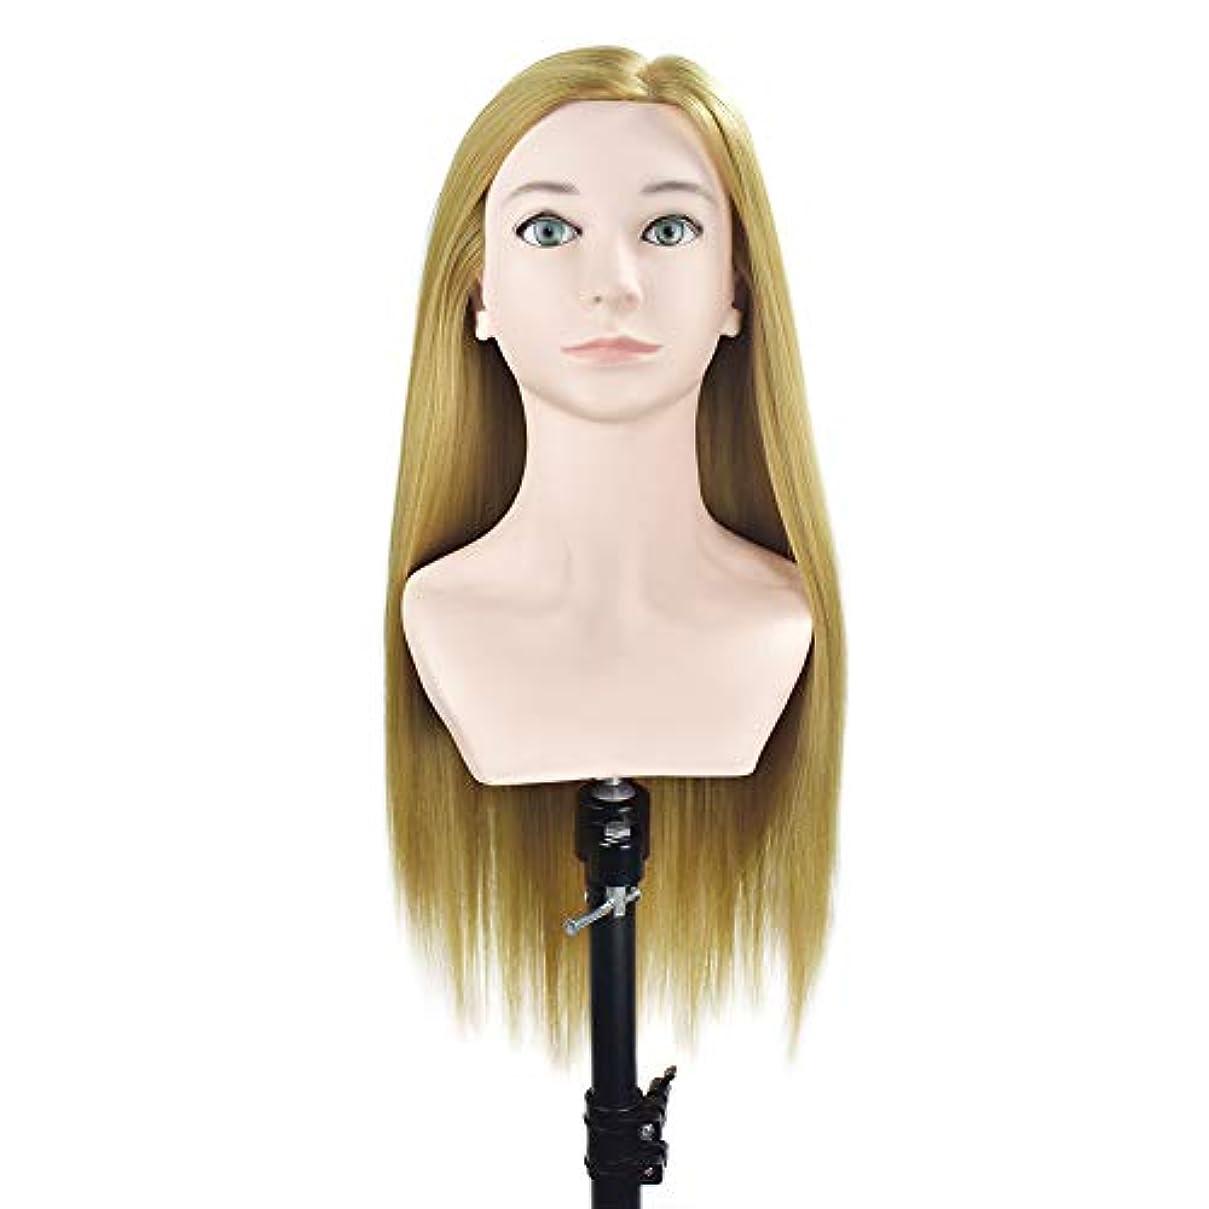 覗く手数料命令的サロンの髪の編み物の美容指導の頭スタイリングのヘアカットのダミーヘッドのメイク肩の学習マネキンの頭